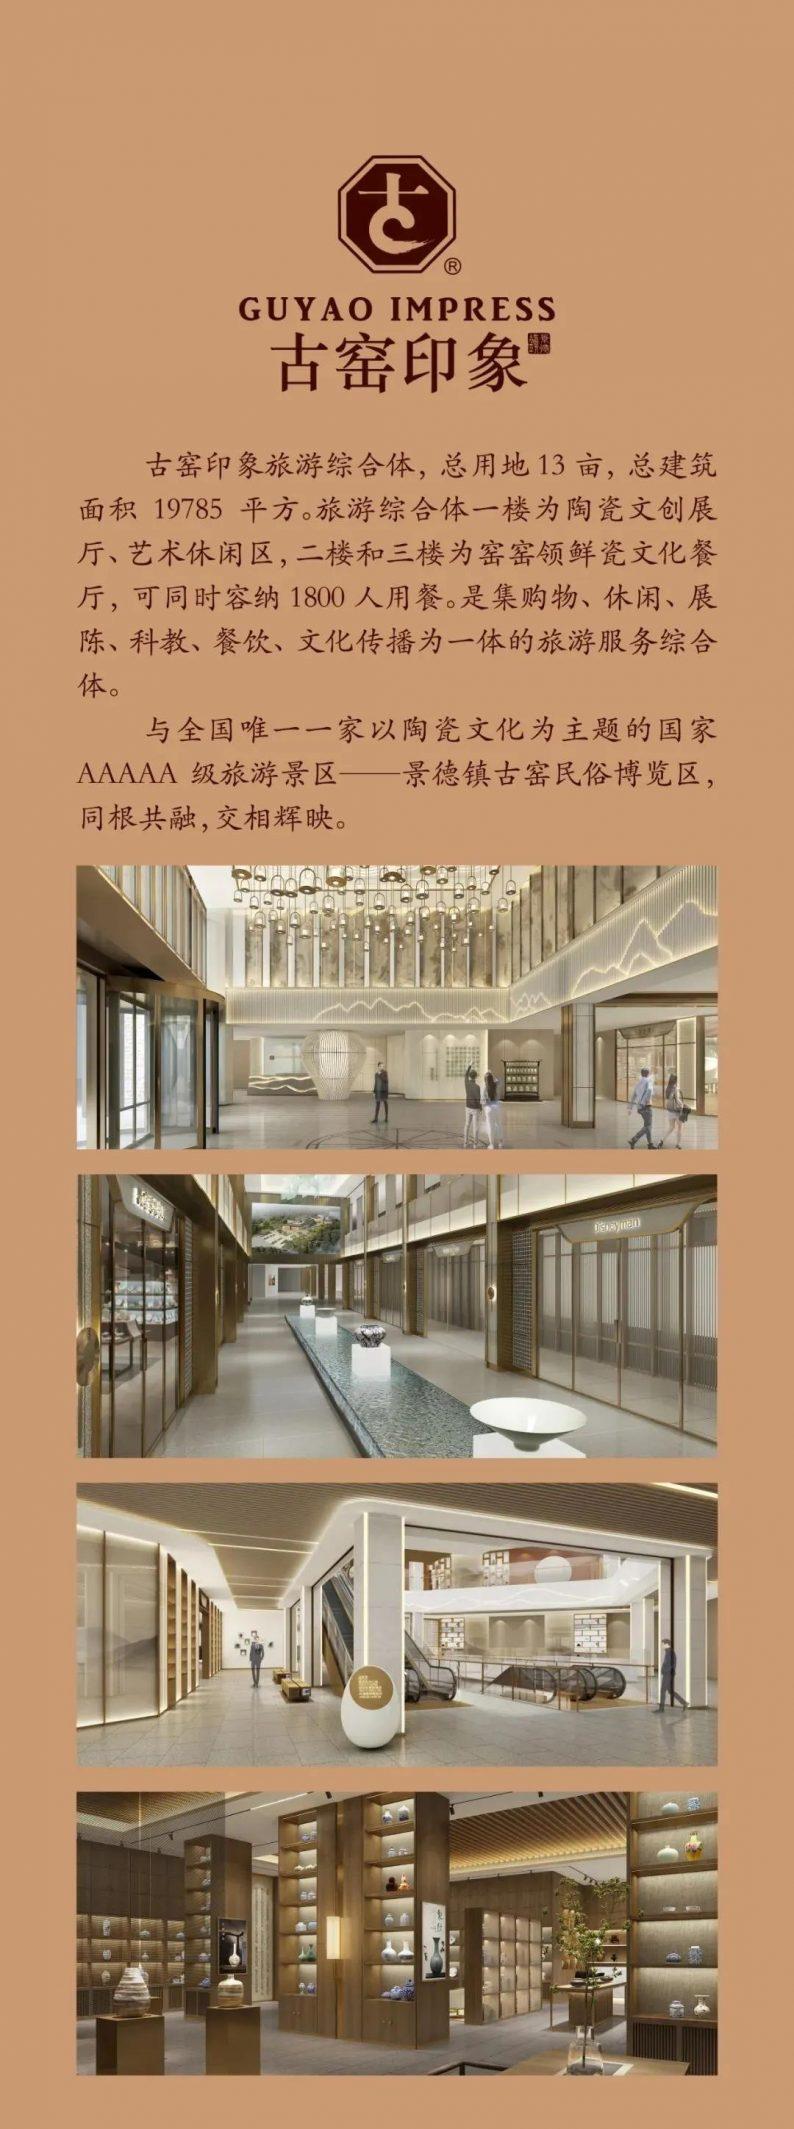 婚礼堂发布:用地13亩!国家5A级旅游景区的宴会中心  第2张